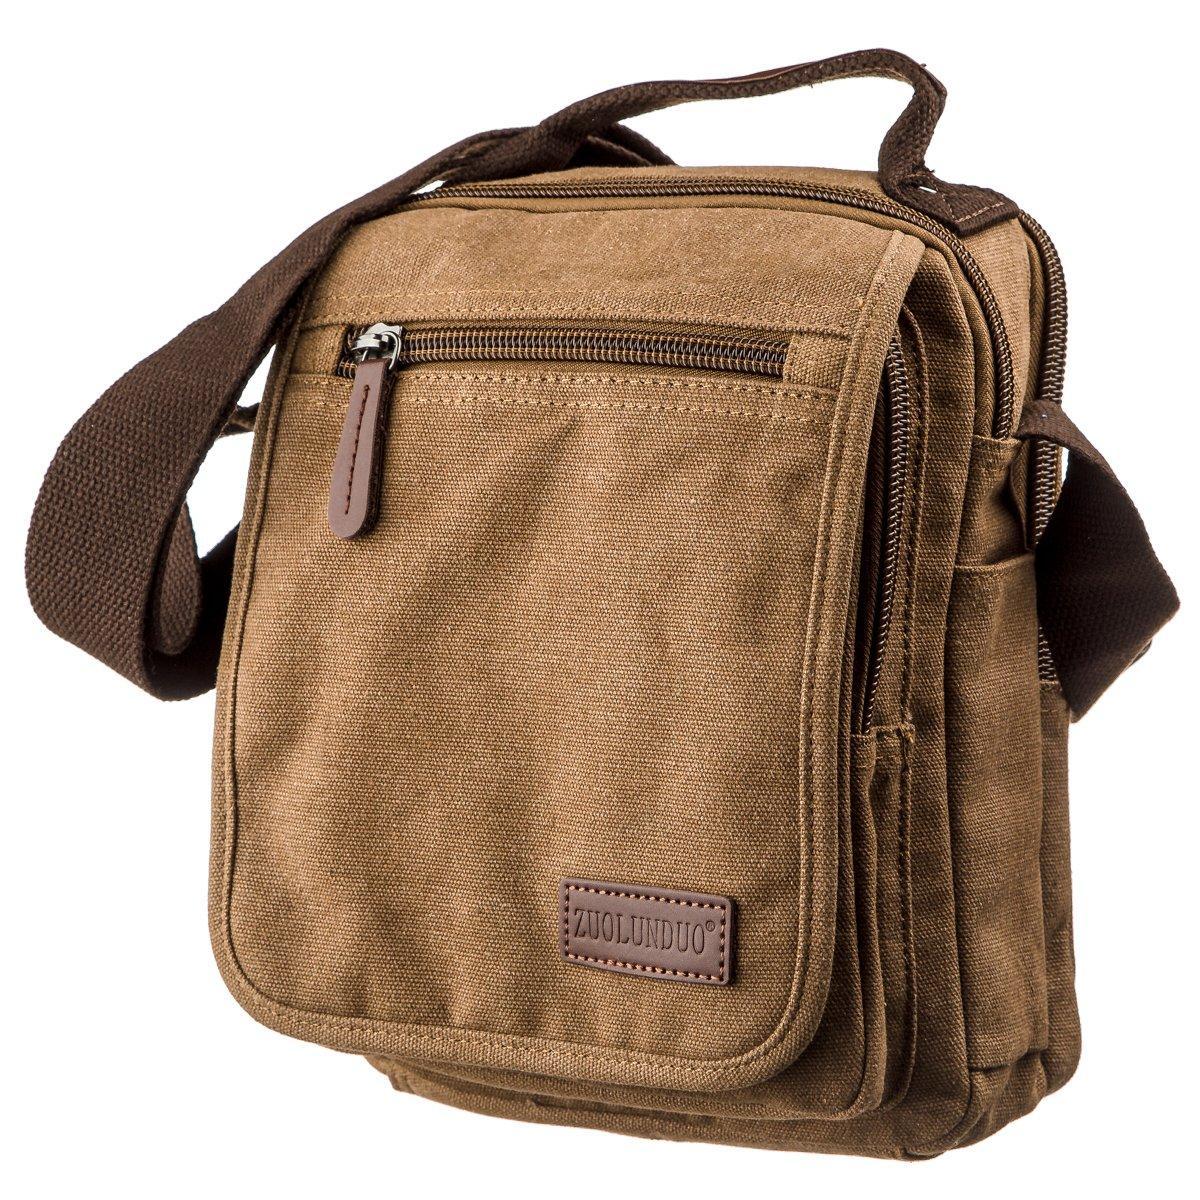 Универсальная текстильная мужская сумка на два отделения Vintage 20200 Коричневая